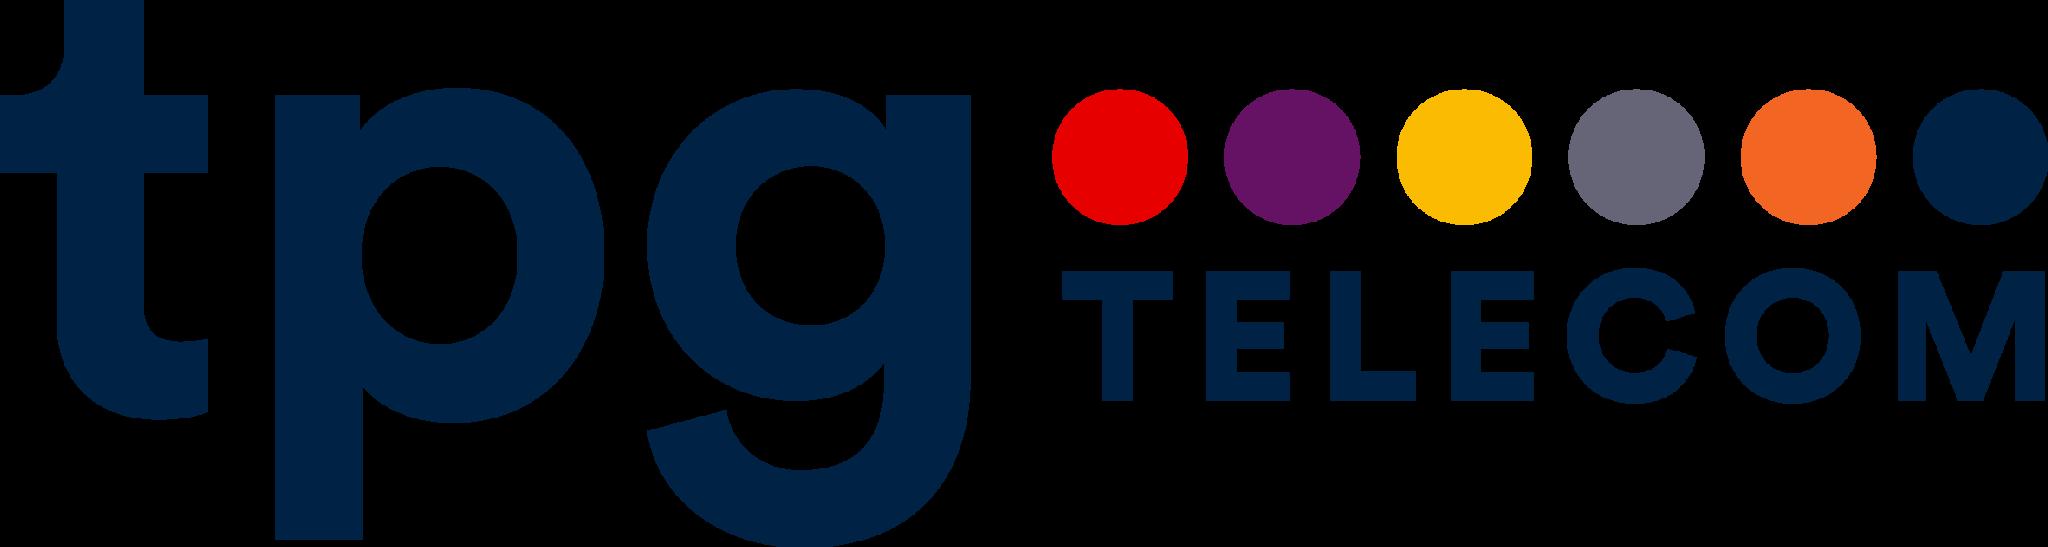 TPG_Telecom_Logo_RGB-2048x547